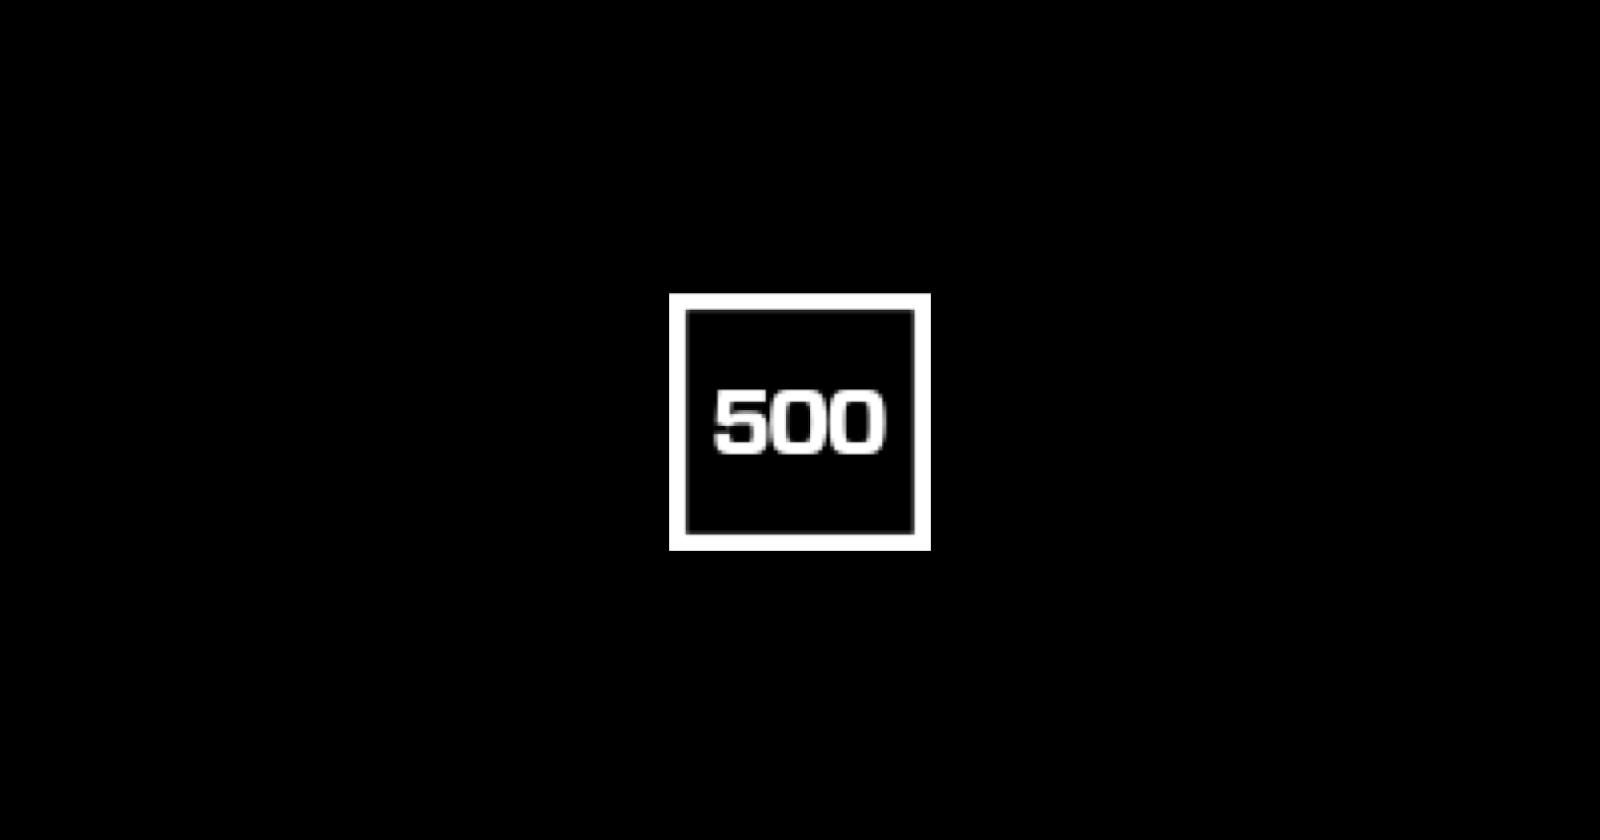 Blogs for entrepreneurs #26: 500.co